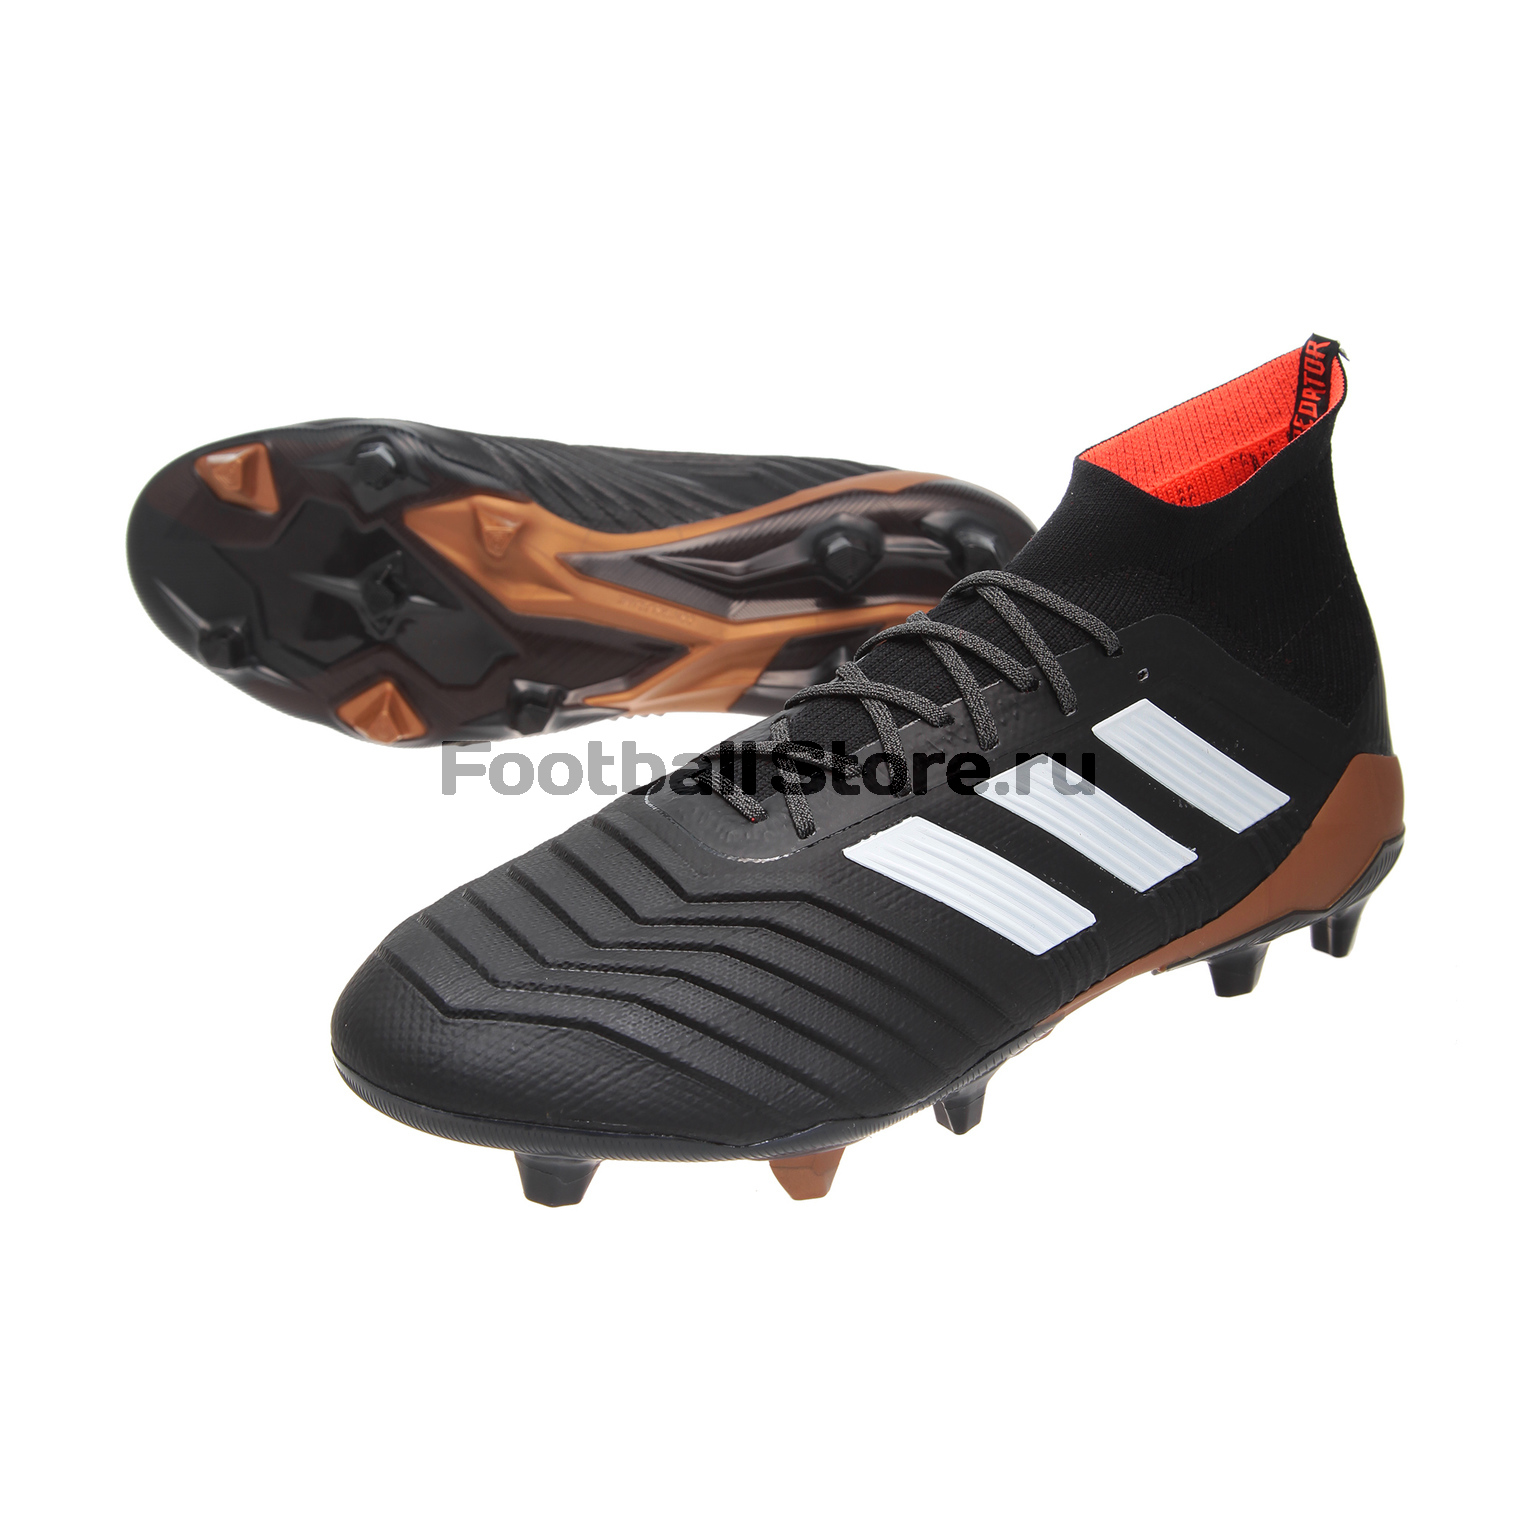 Бутсы Adidas Predator 18.1 FG BB6354 игровые бутсы adidas бутсы adidas ace 17 1 fg by2459